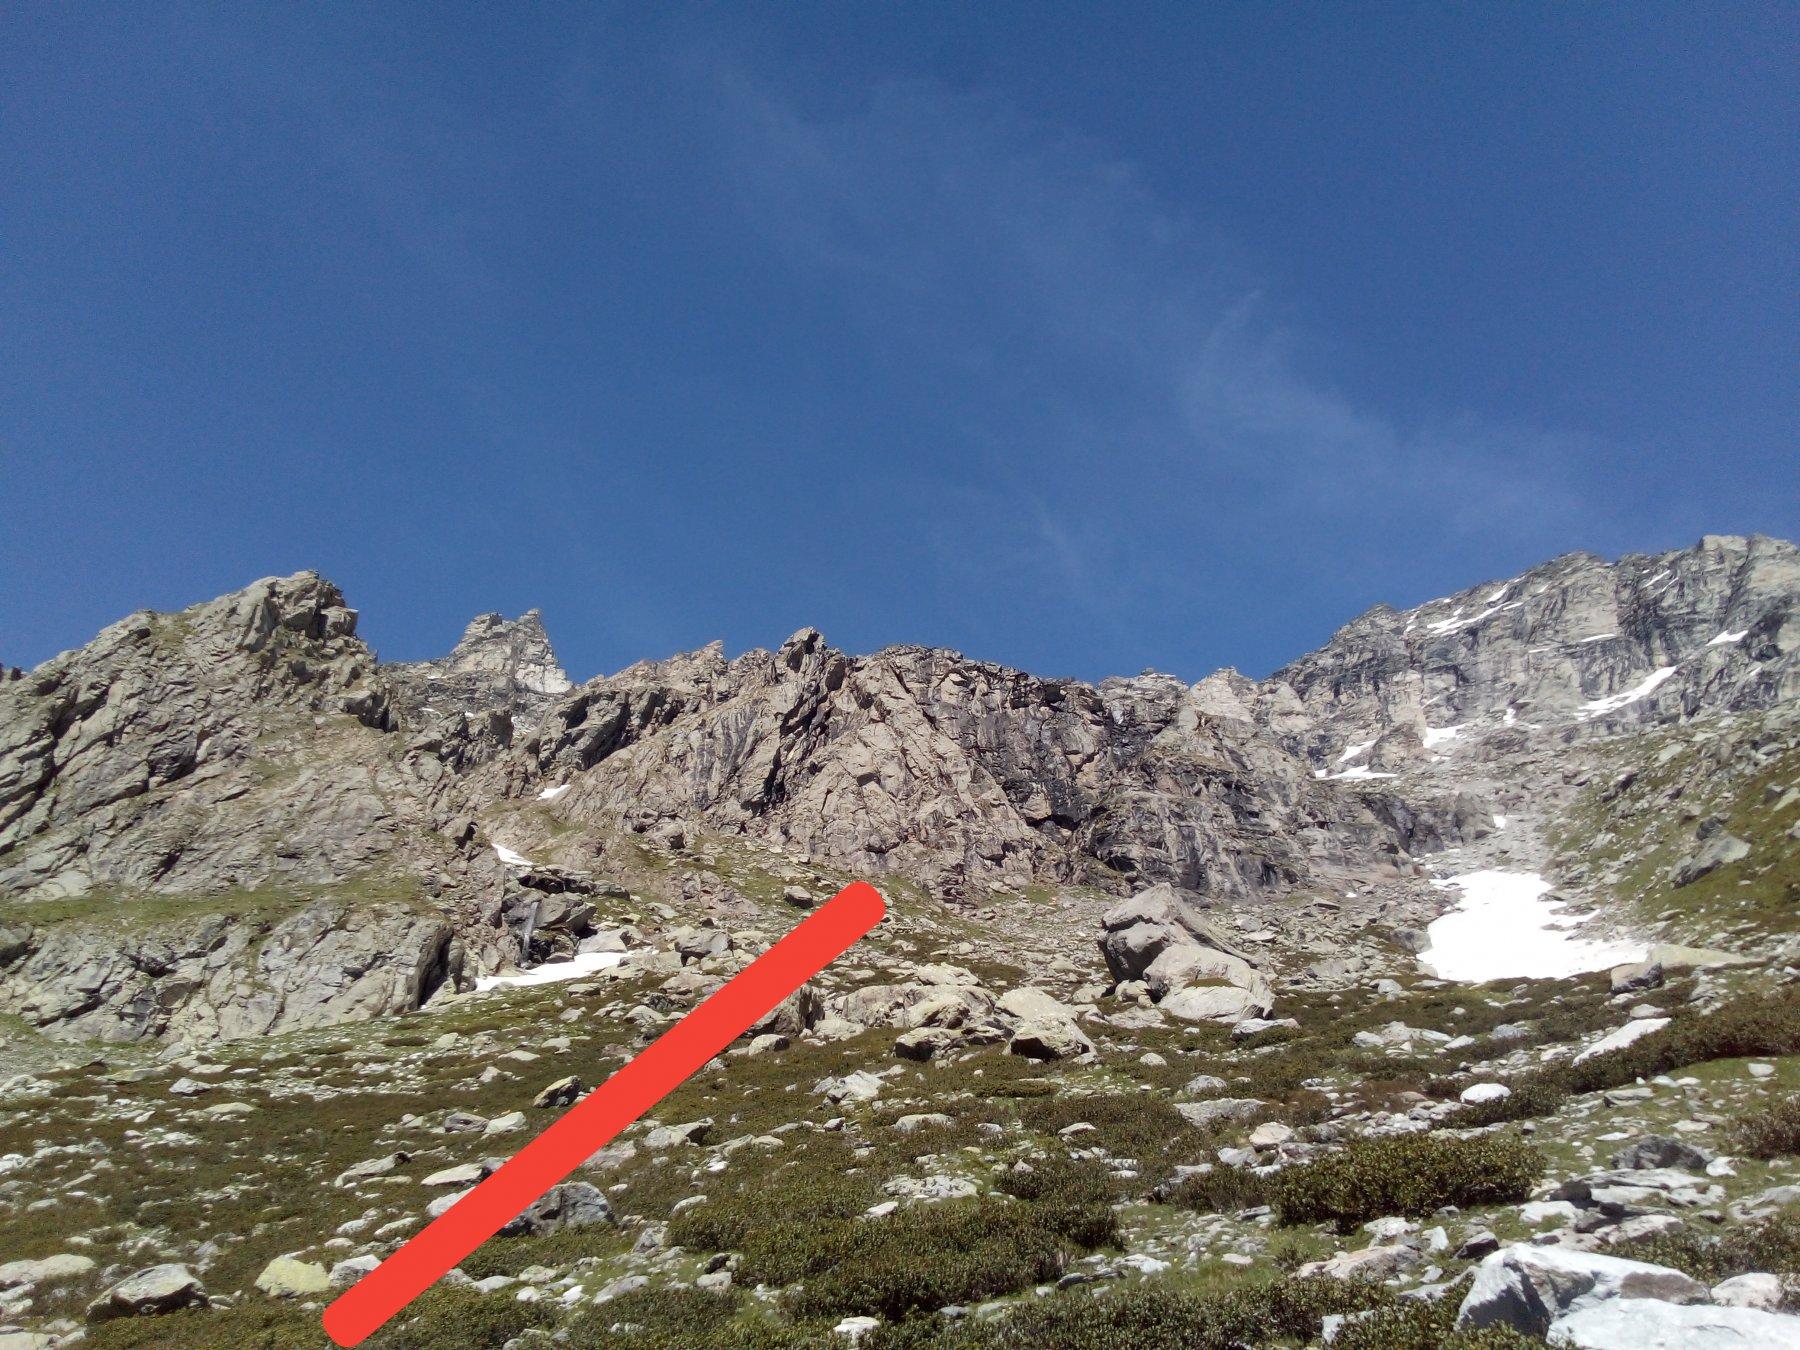 La parete vista dal piano, in rosso la direzione di salita e il punto di attacco